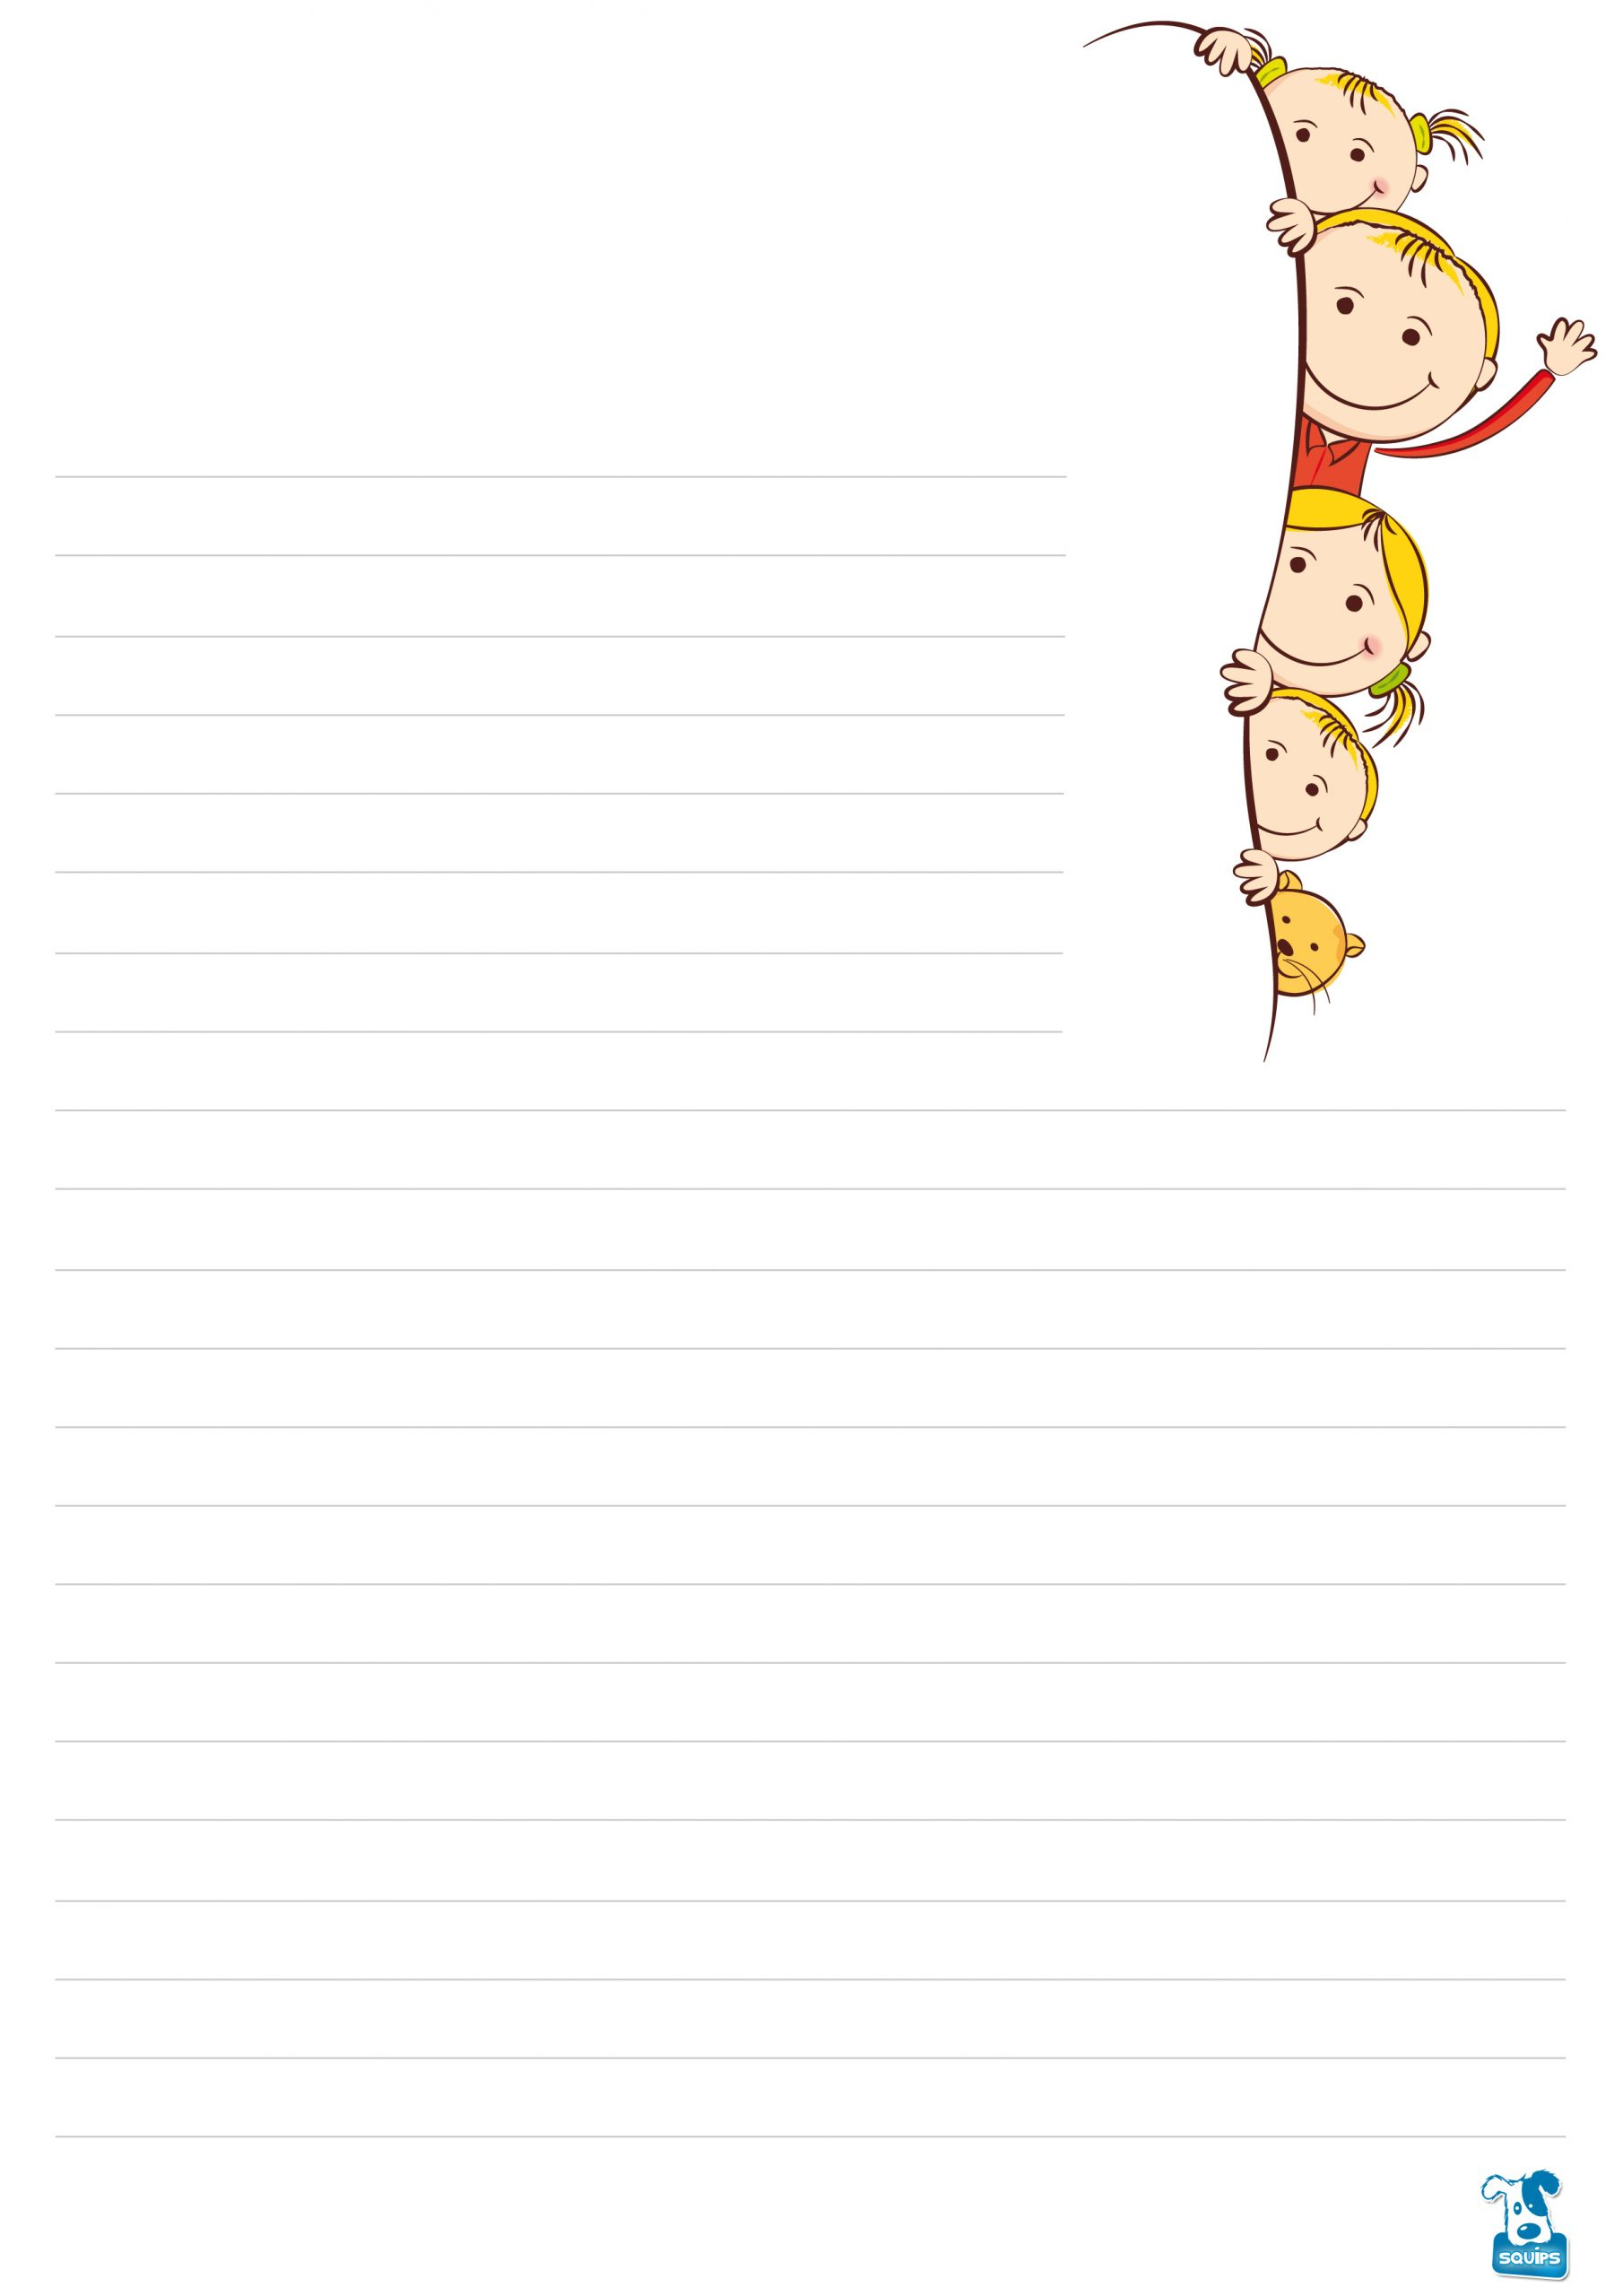 10 Papiers À Lettre À Imprimer Pour Enfants | 123Cartes dedans Papier À Lettre Gratuit À Imprimer